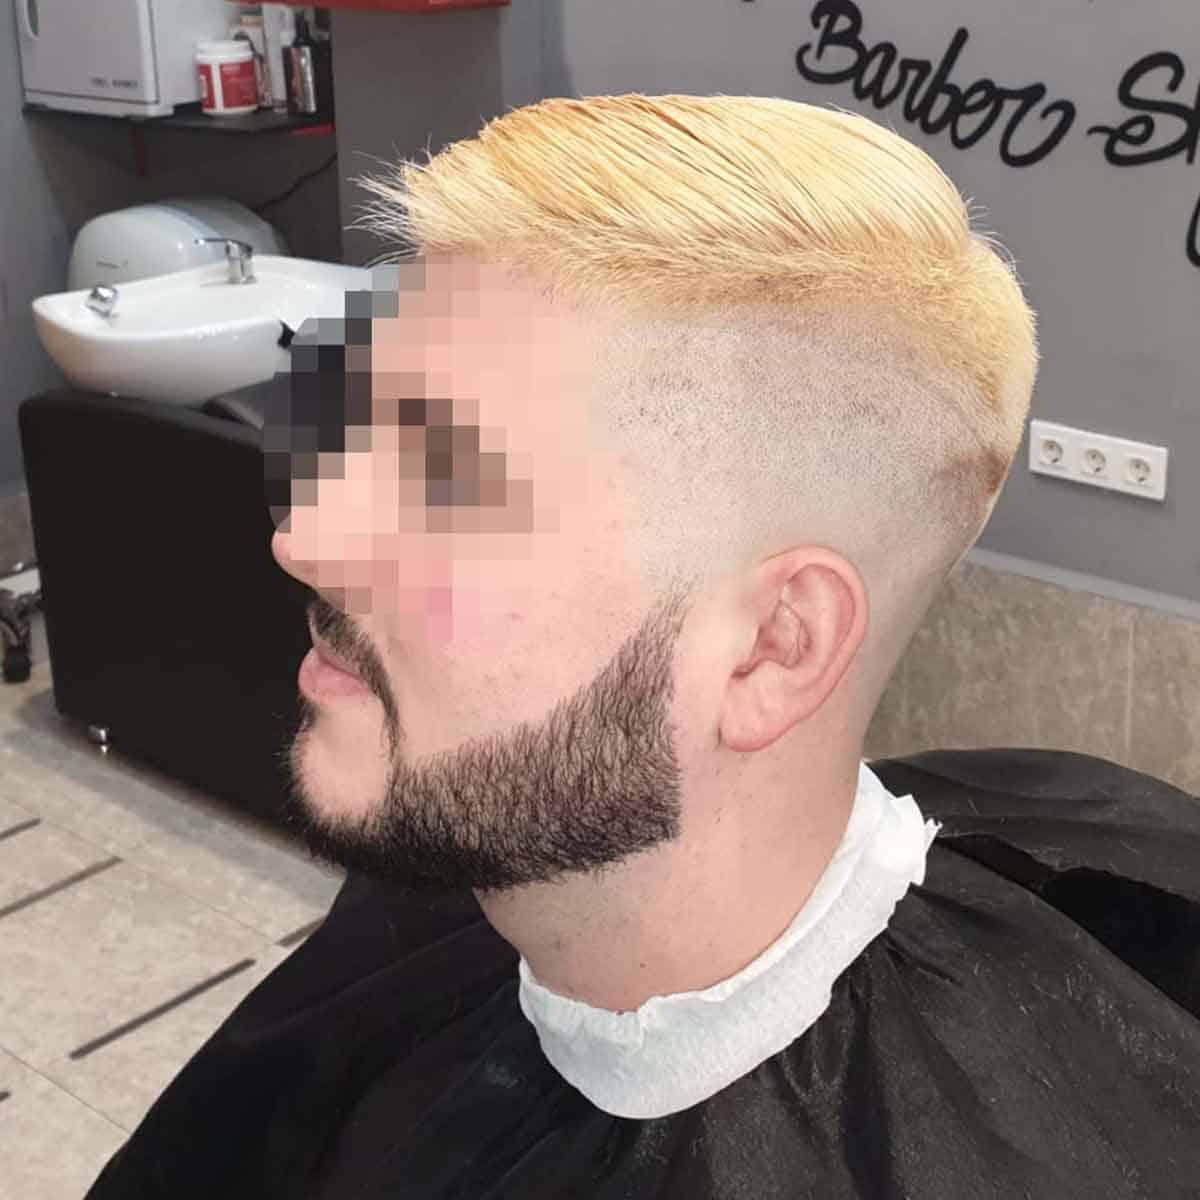 Decoloración corte skin fade y arreglo de barba en la barbería YB New Style Barber Shop